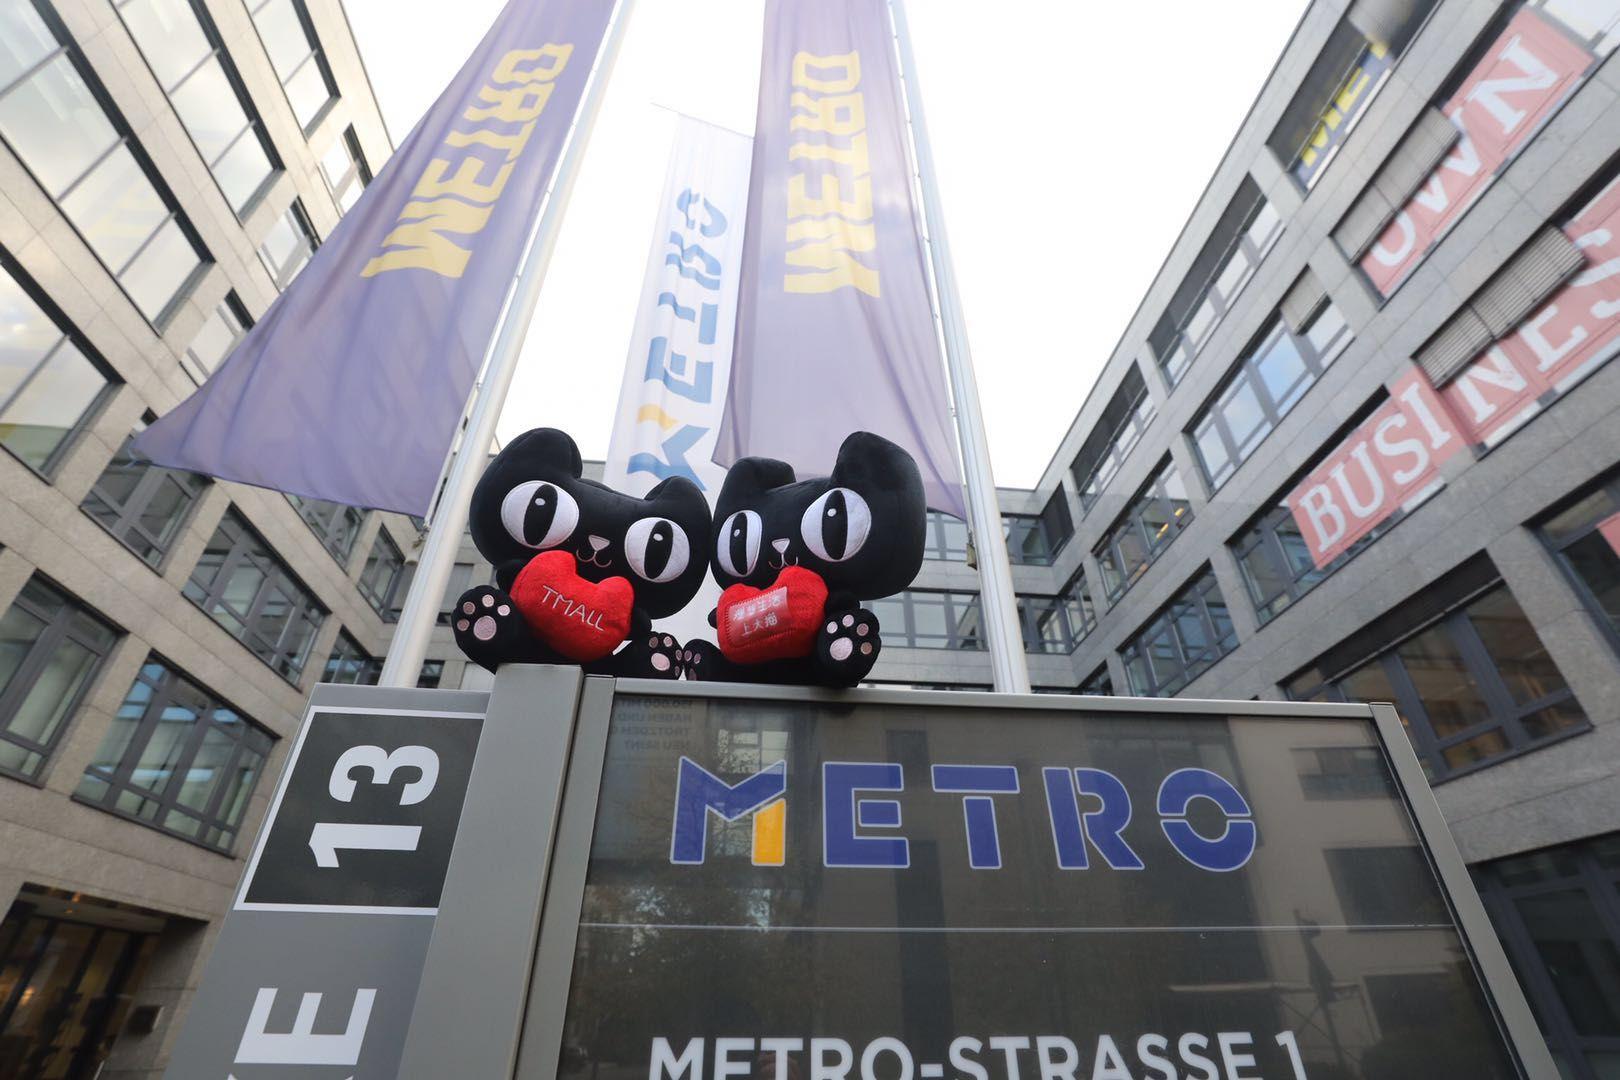 越来越多的全球消费者通过天猫了解中国品牌